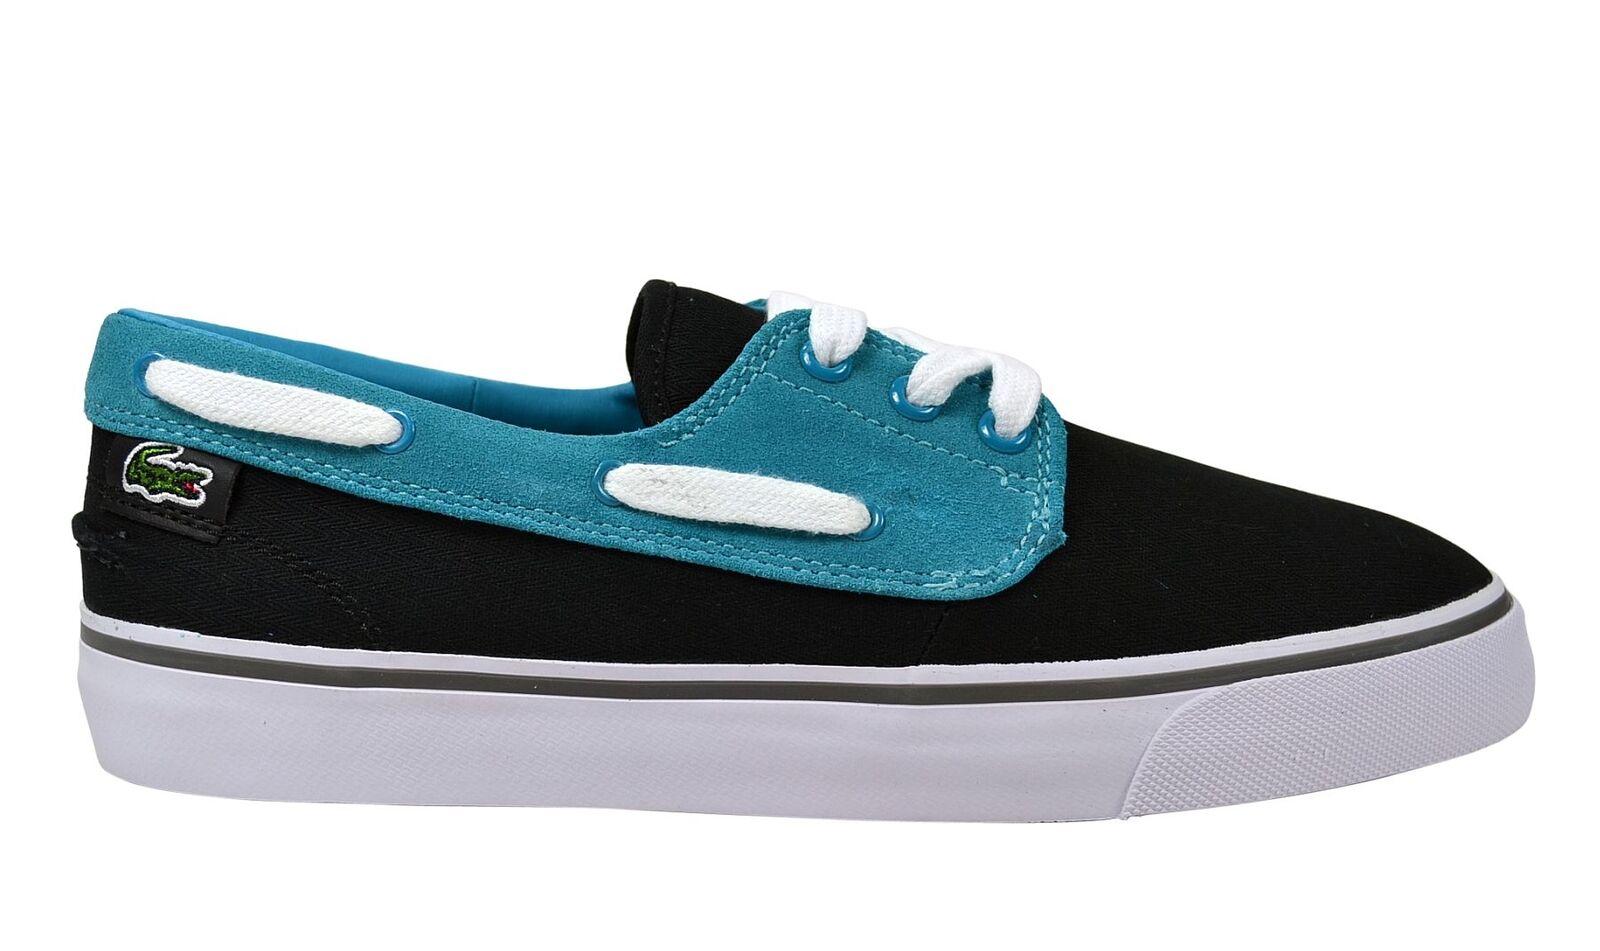 Billig hohe Qualität Lacoste Barbuda black/blue Schuhe/Sneaker schwarz/blau